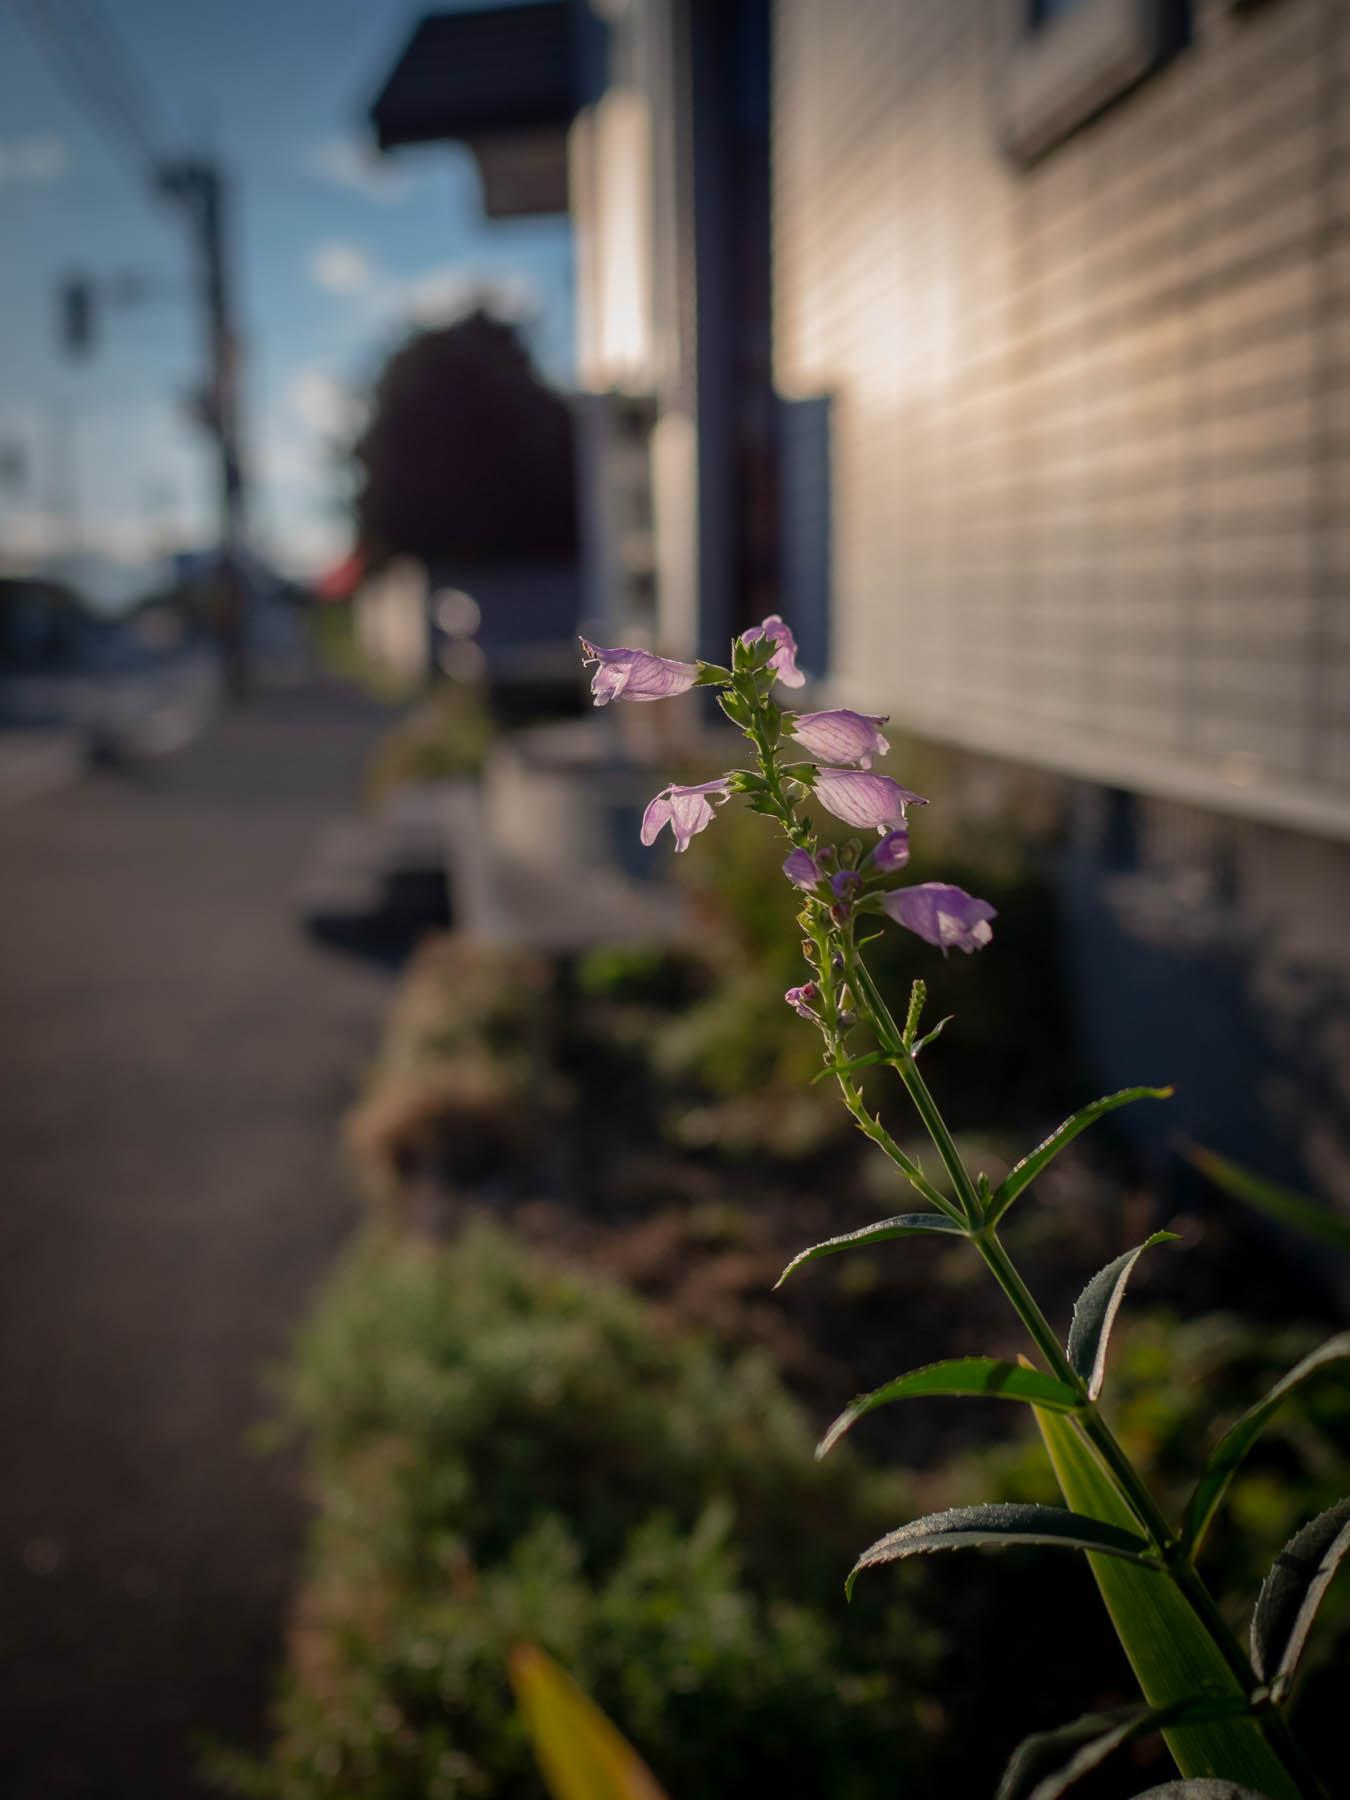 残照に透けて輝く路傍の小さな花